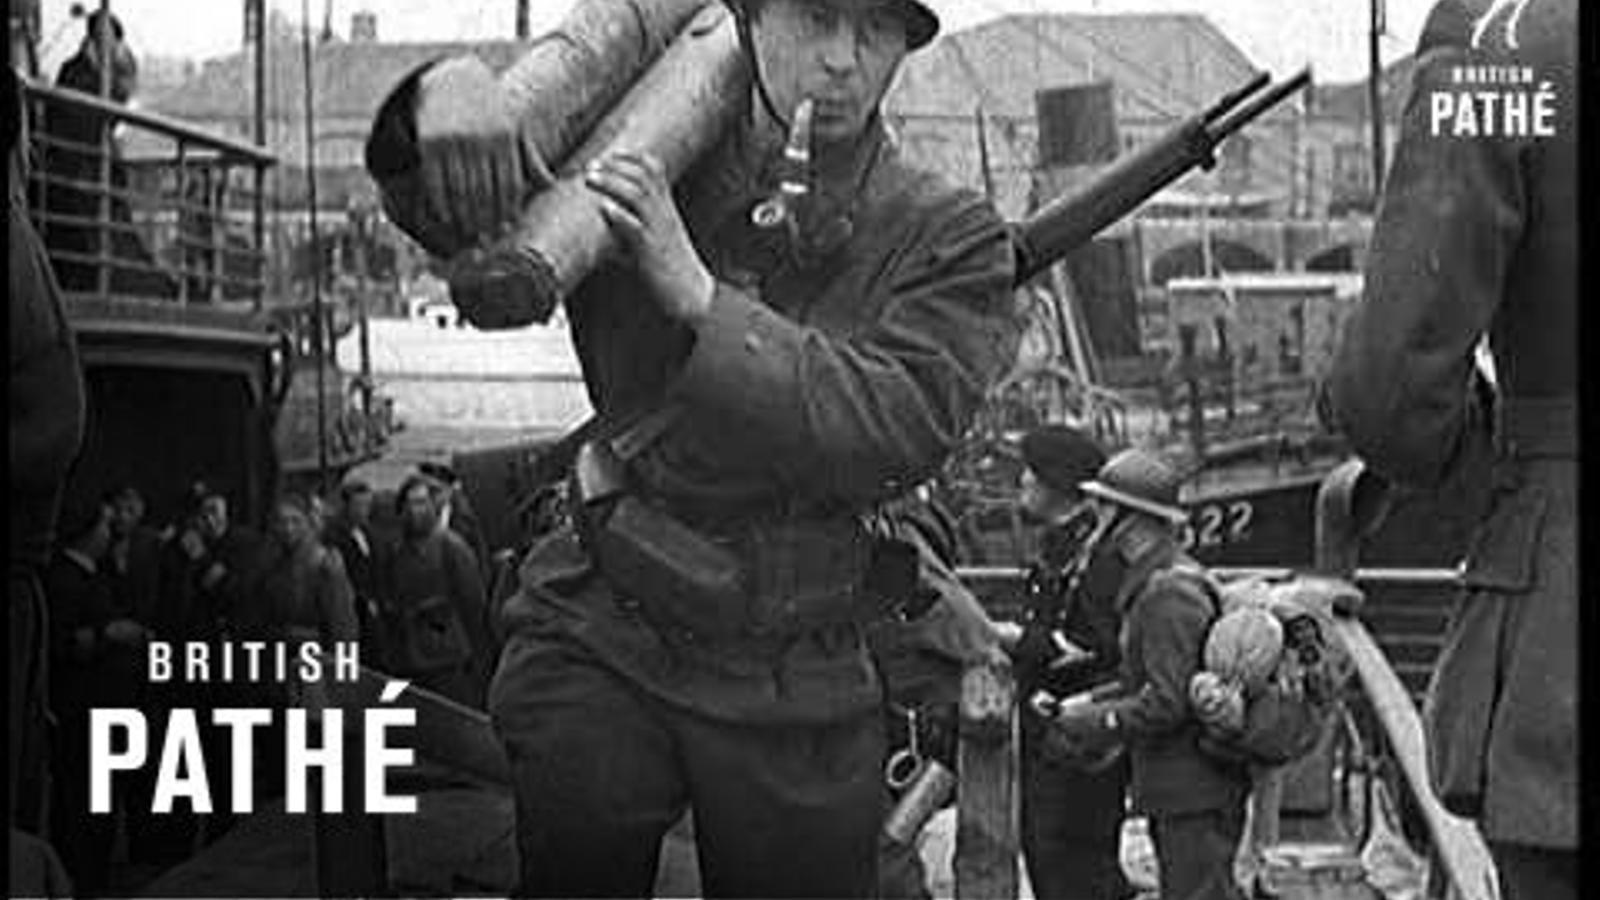 Crida de Charles de Gaulle als francesos a resisitir davant l'ocupació nazi, 18.06.1940